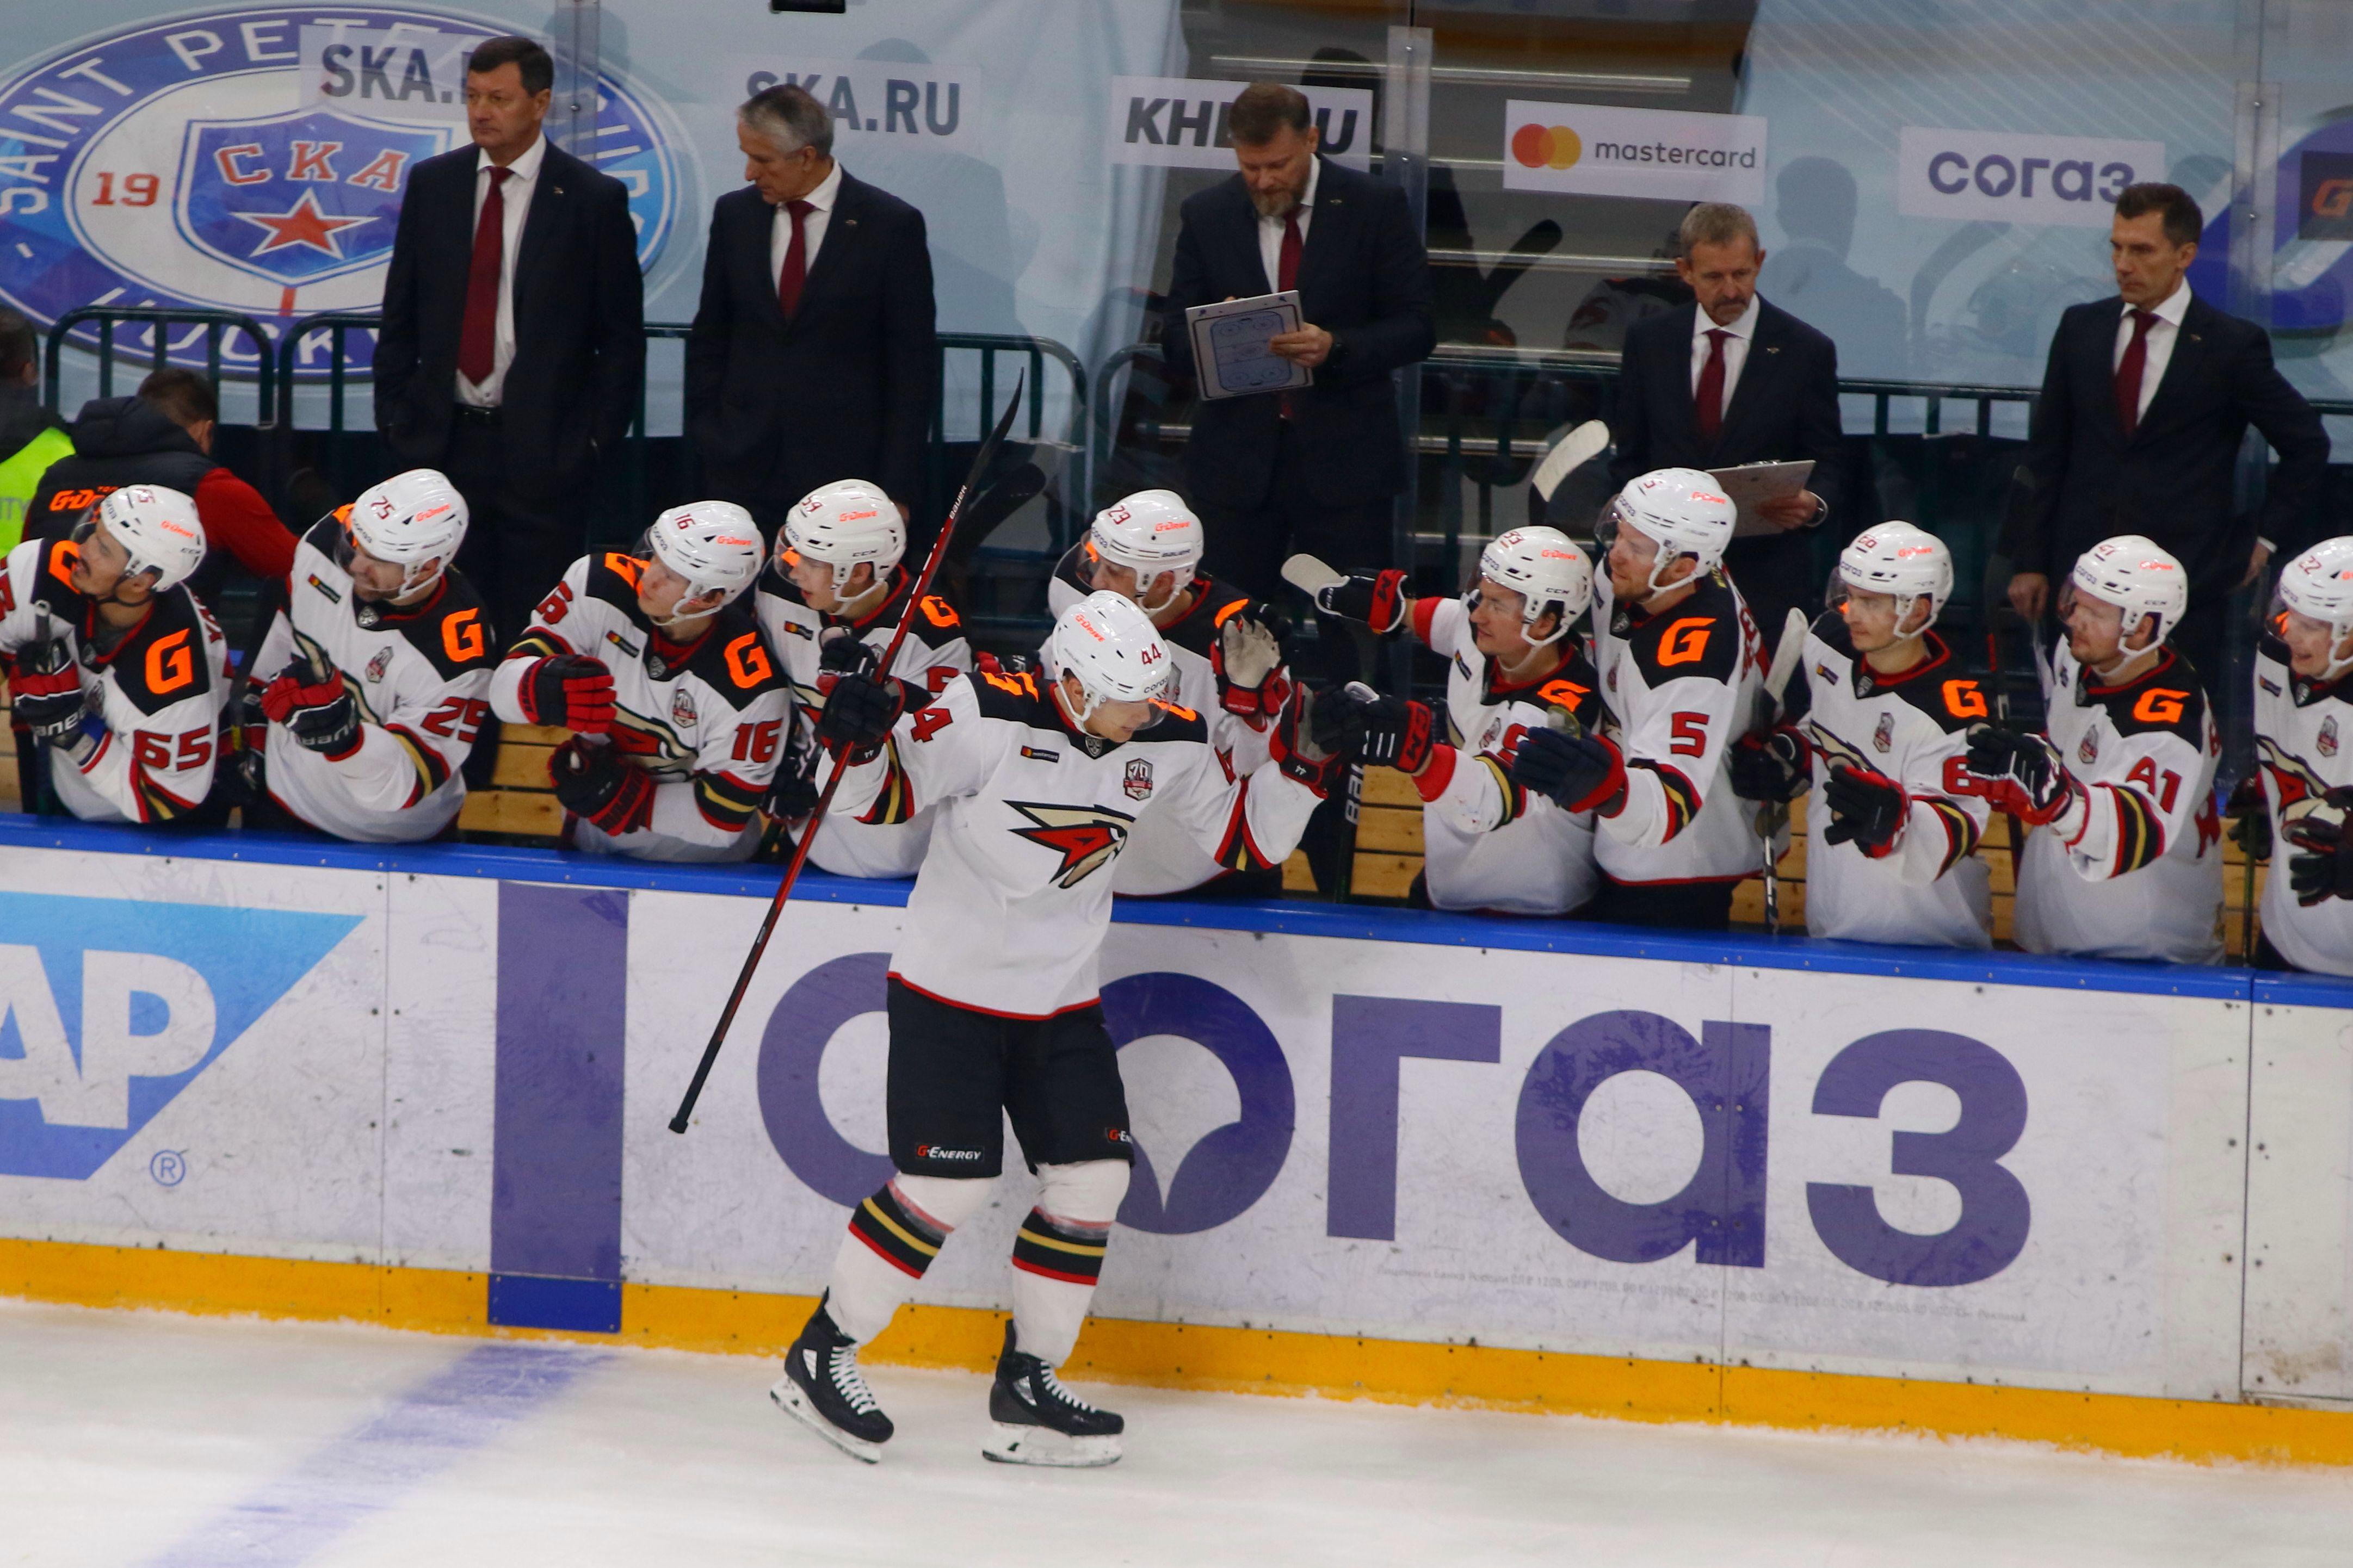 Авангард обыграл Ак Барс в пятом матче полуфинальной серии Кубка Гагарина